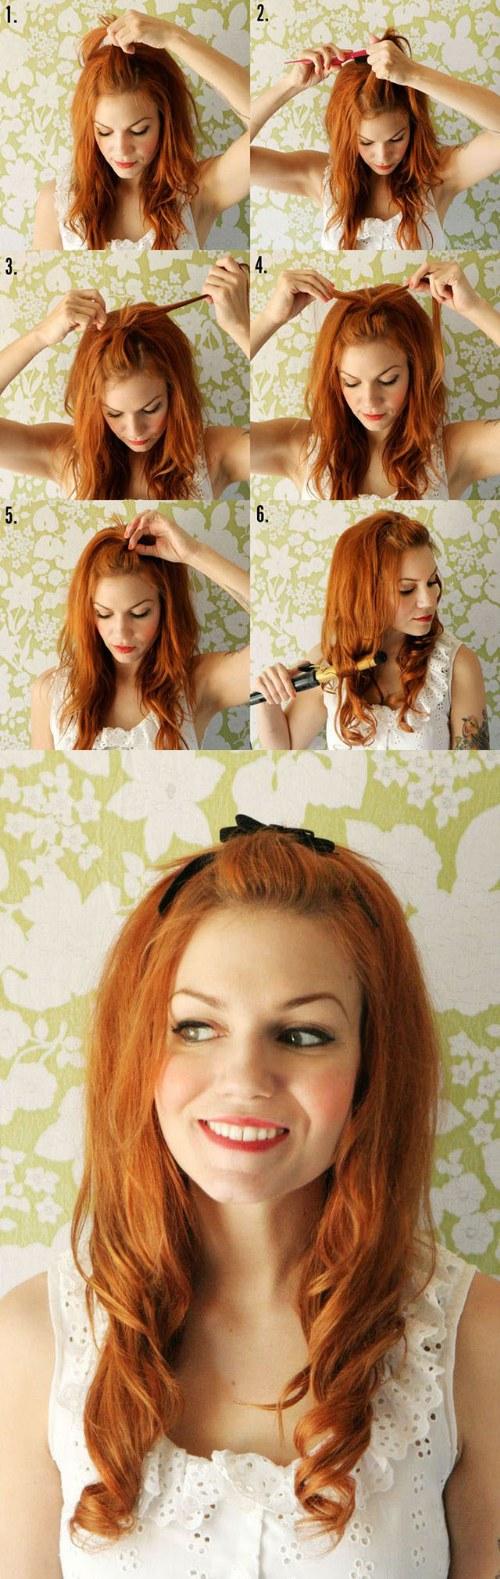 Fabulosos Peinados fáciles de hacer para Primavera y Verano